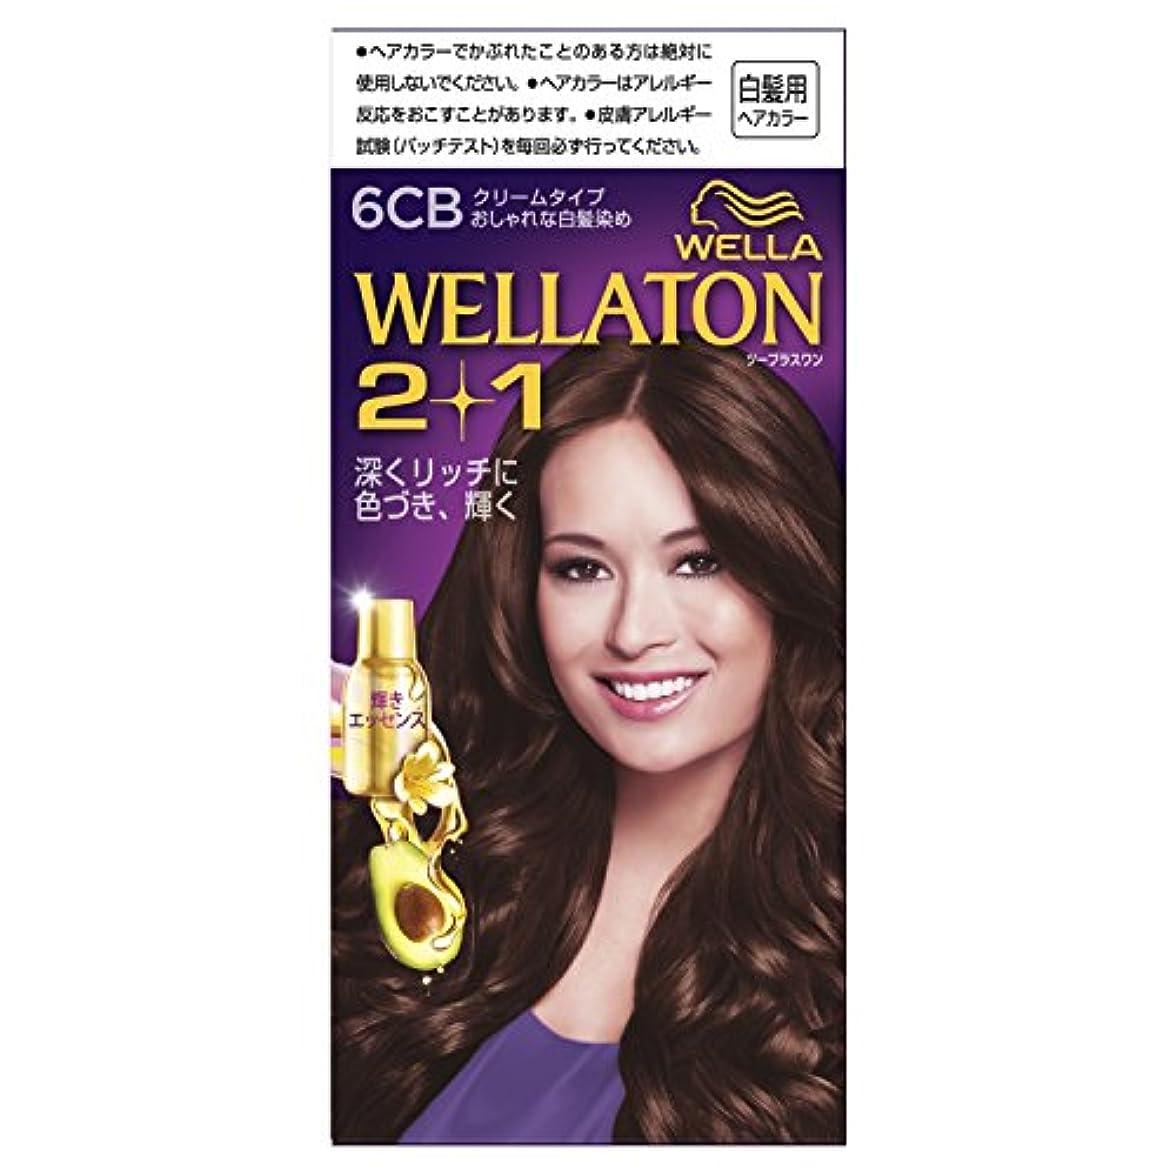 禁止する与える注釈を付けるウエラトーン2+1 クリームタイプ 6CB [医薬部外品](おしゃれな白髪染め)